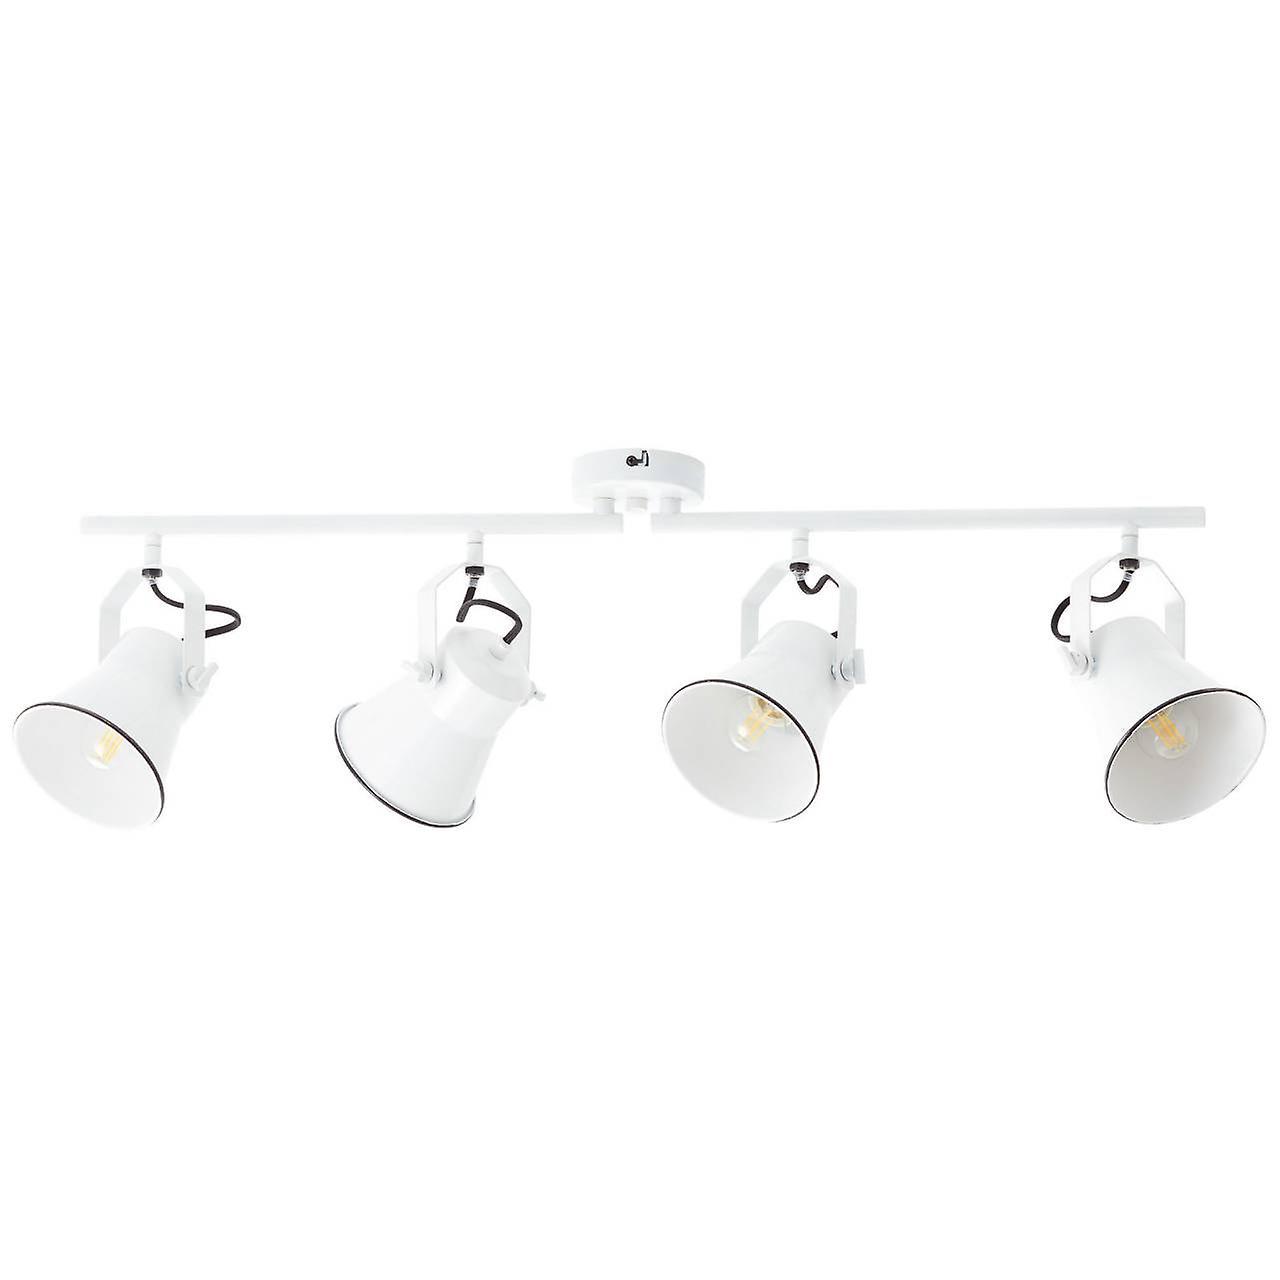 BRILLIANT Lampe Croft Spotrohr 4flg weiß | 4x D45, E27, 18W, geeignet für Tropfenlampen (nicht enthalten) | Skala A++ bis E | Köpfe schwenkbar